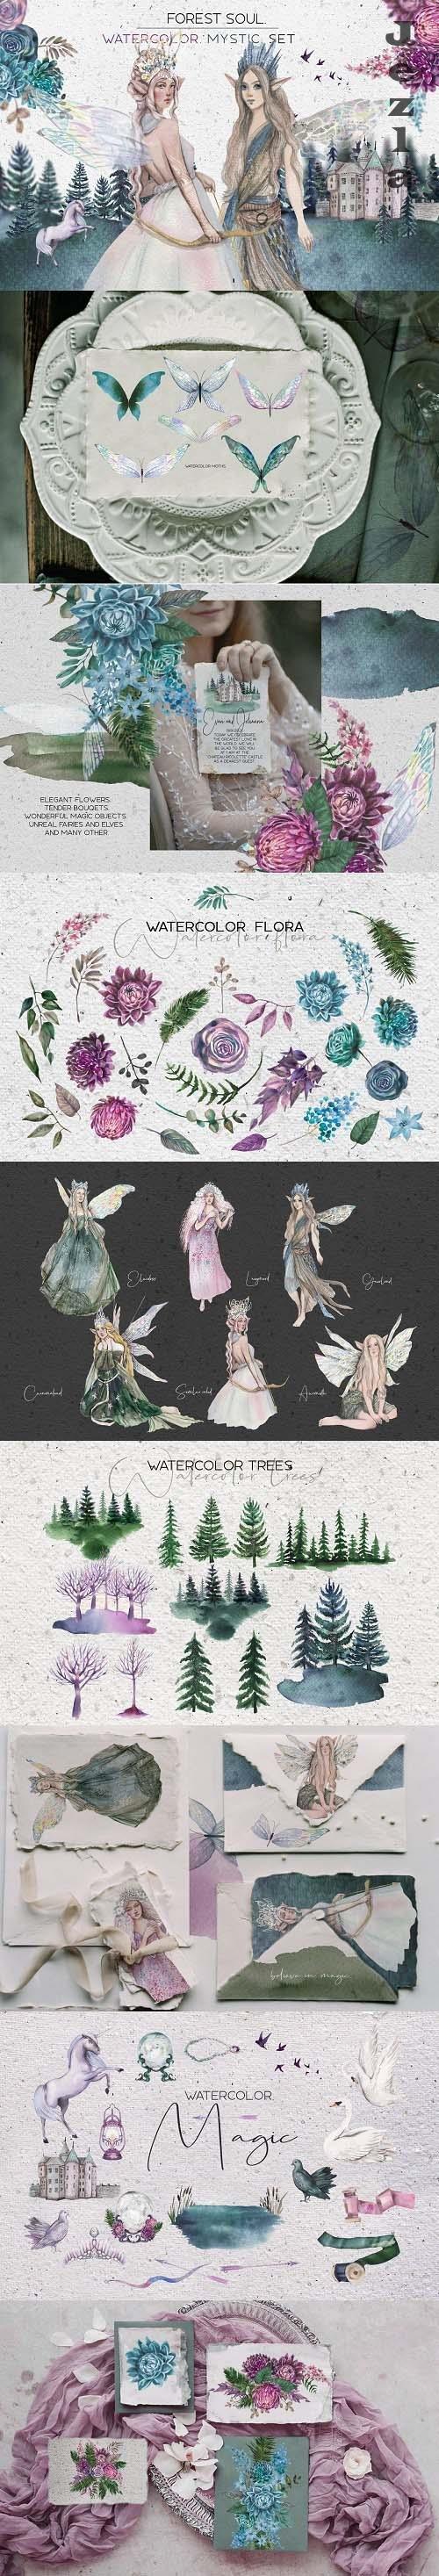 Forest soul - watercolor set - 4875318